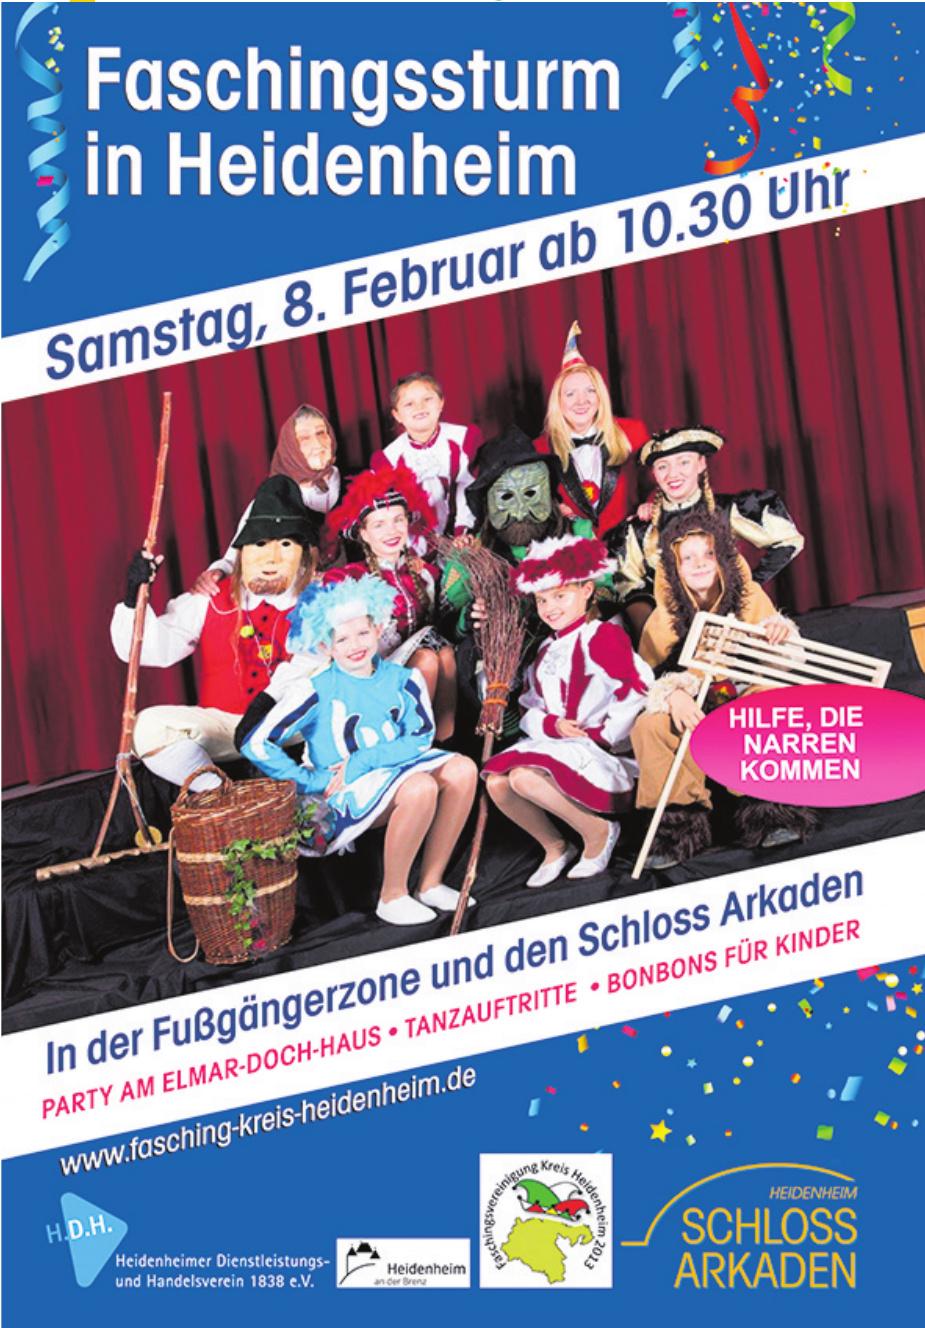 Heidenheim Schloss Arkaden - Faschingssturm in Heidenheim